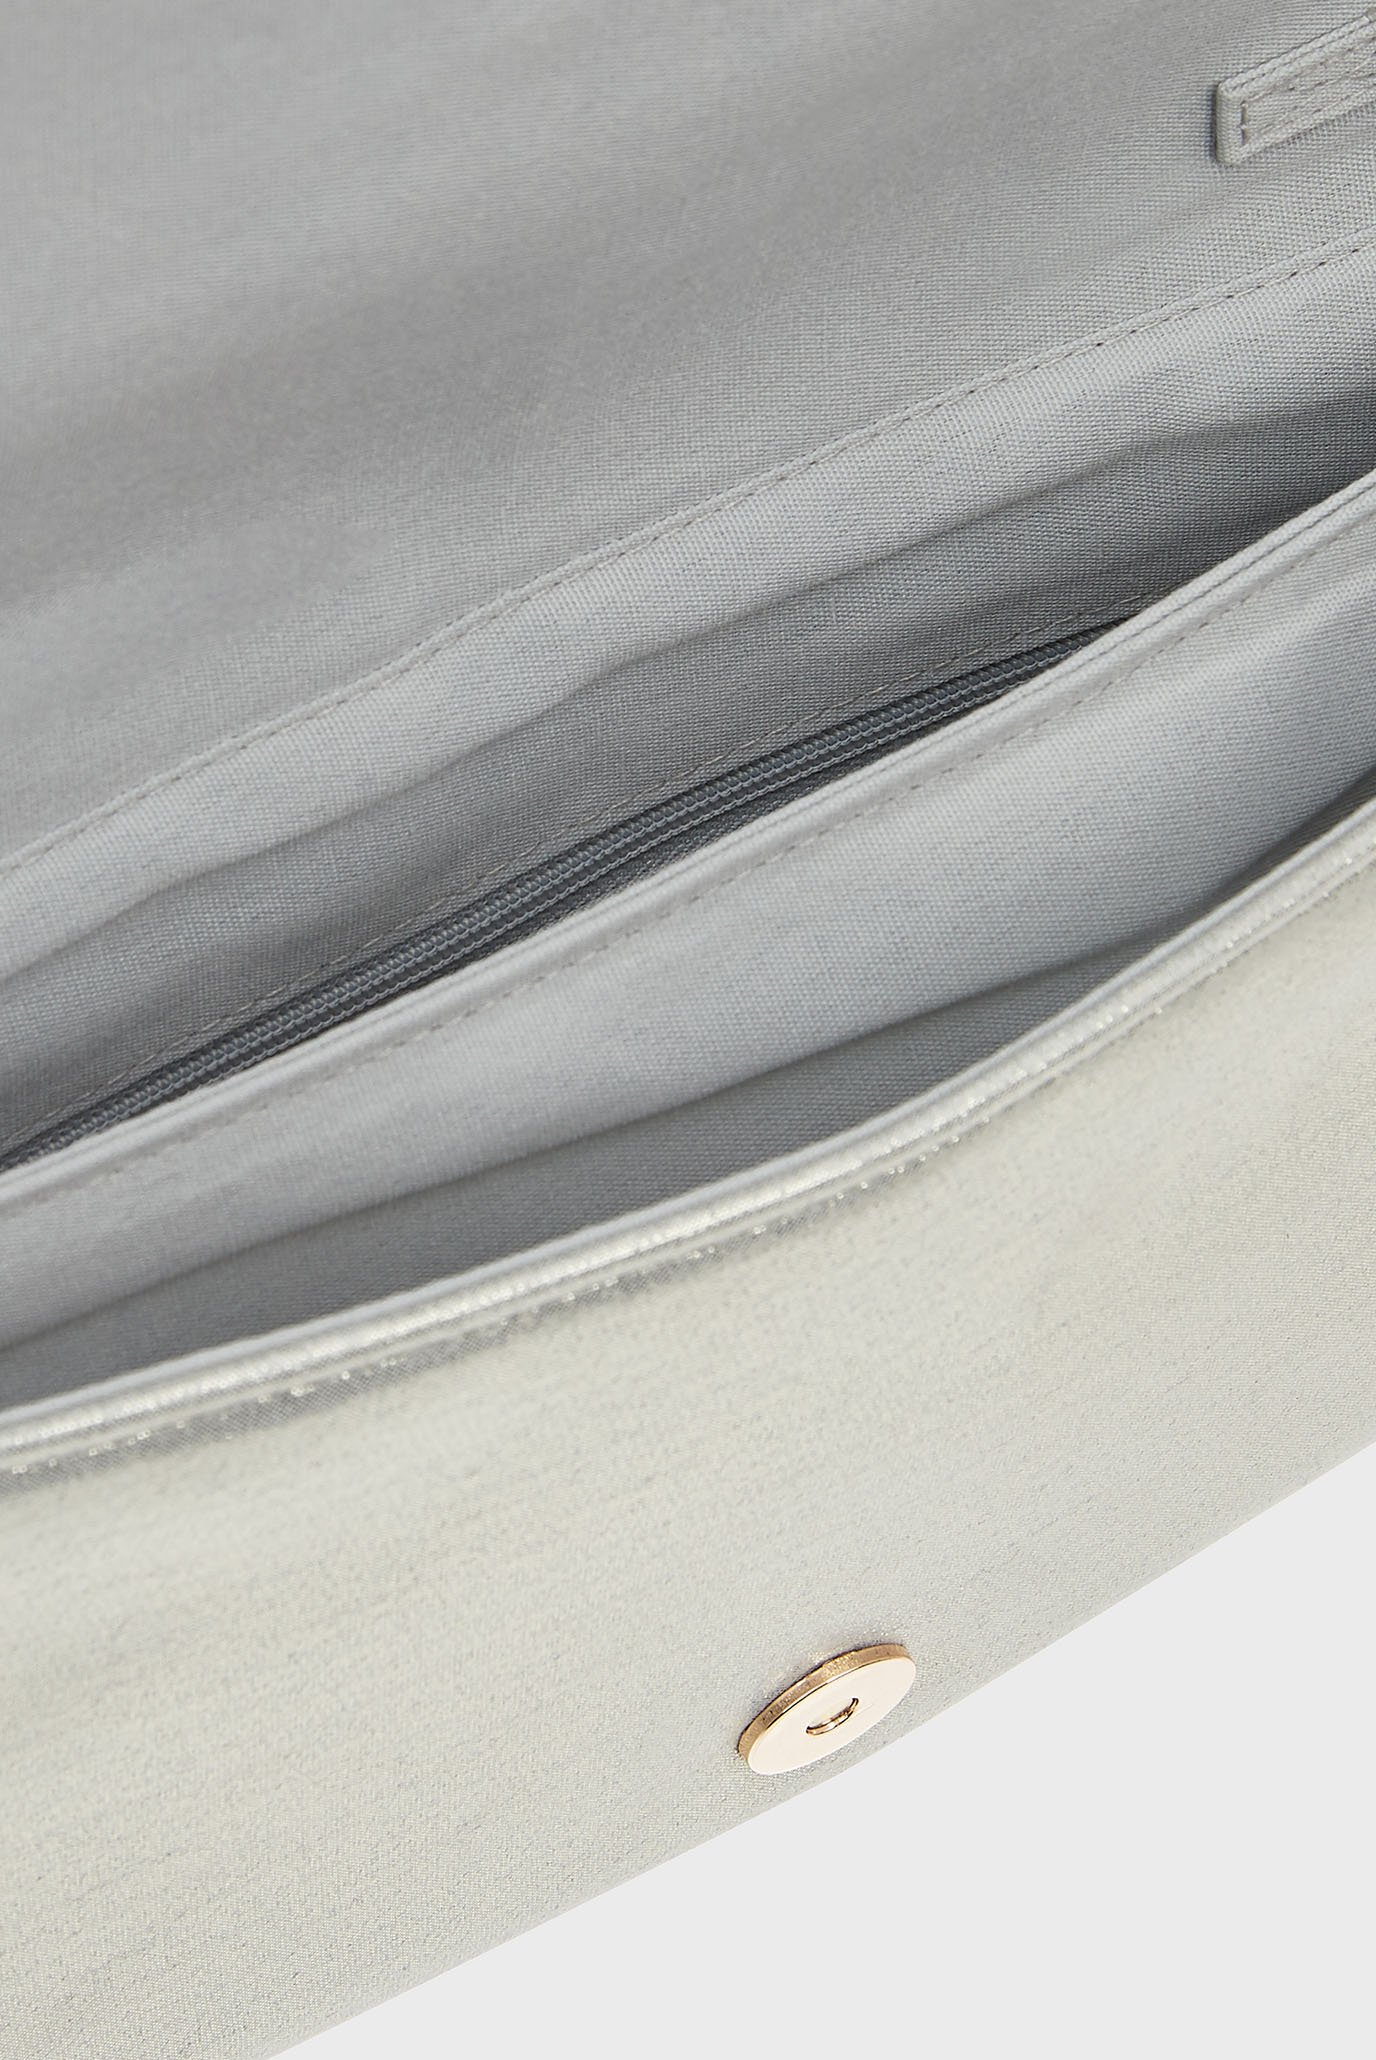 Купить Женский серебристый клатч CHARLOTTE SHIMMER Accessorize Accessorize 589804 – Киев, Украина. Цены в интернет магазине MD Fashion